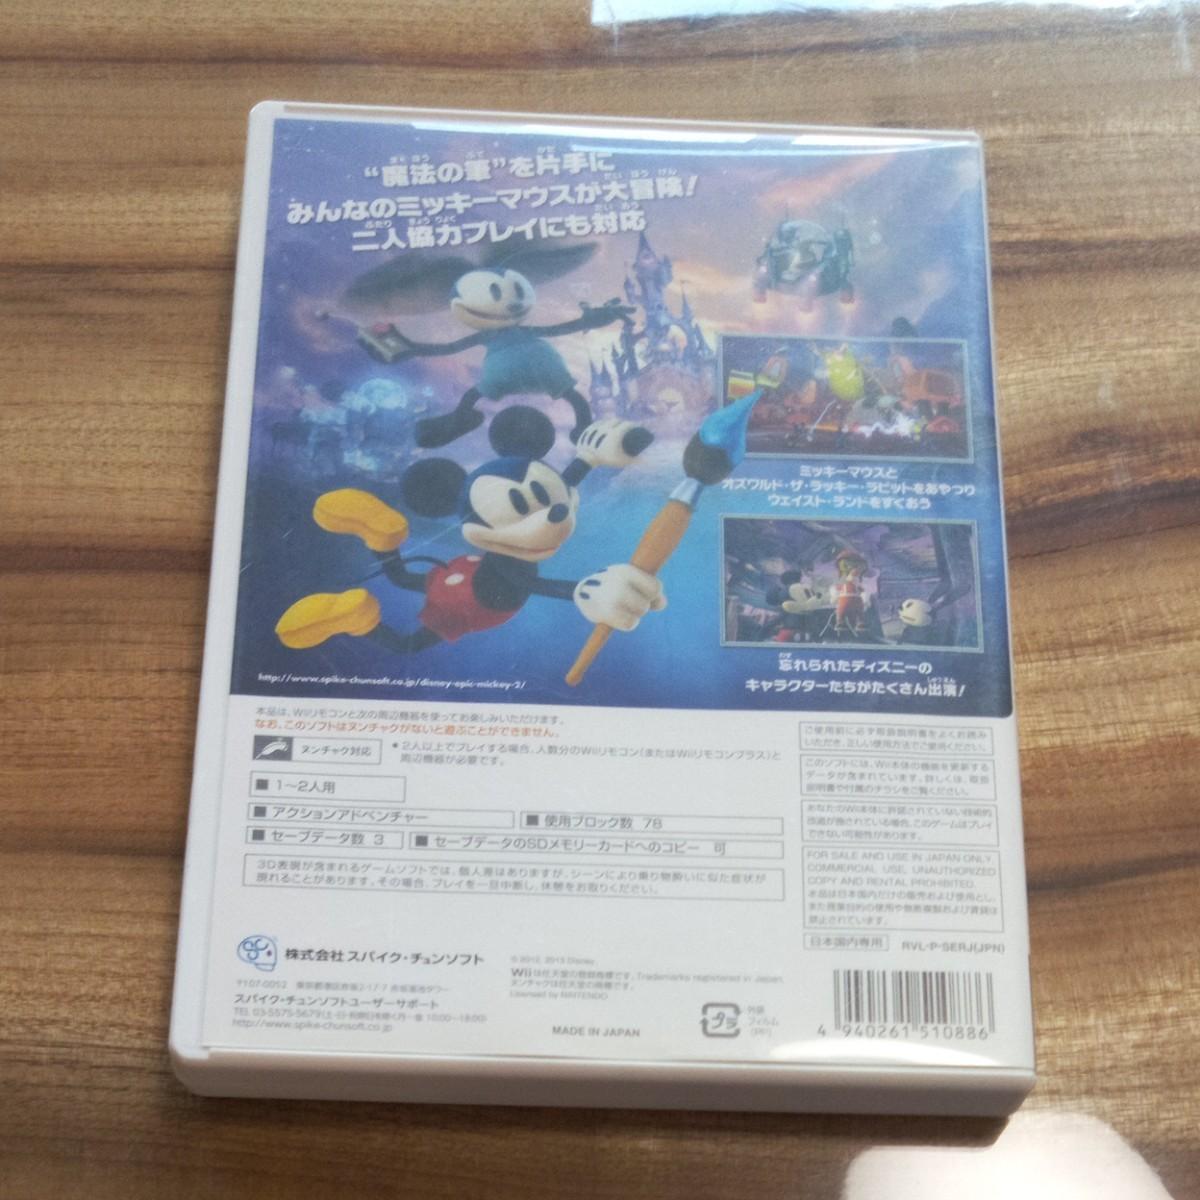 Wiiソフト エピックミッキー2 二つの力 ディズニー ソフト Wii